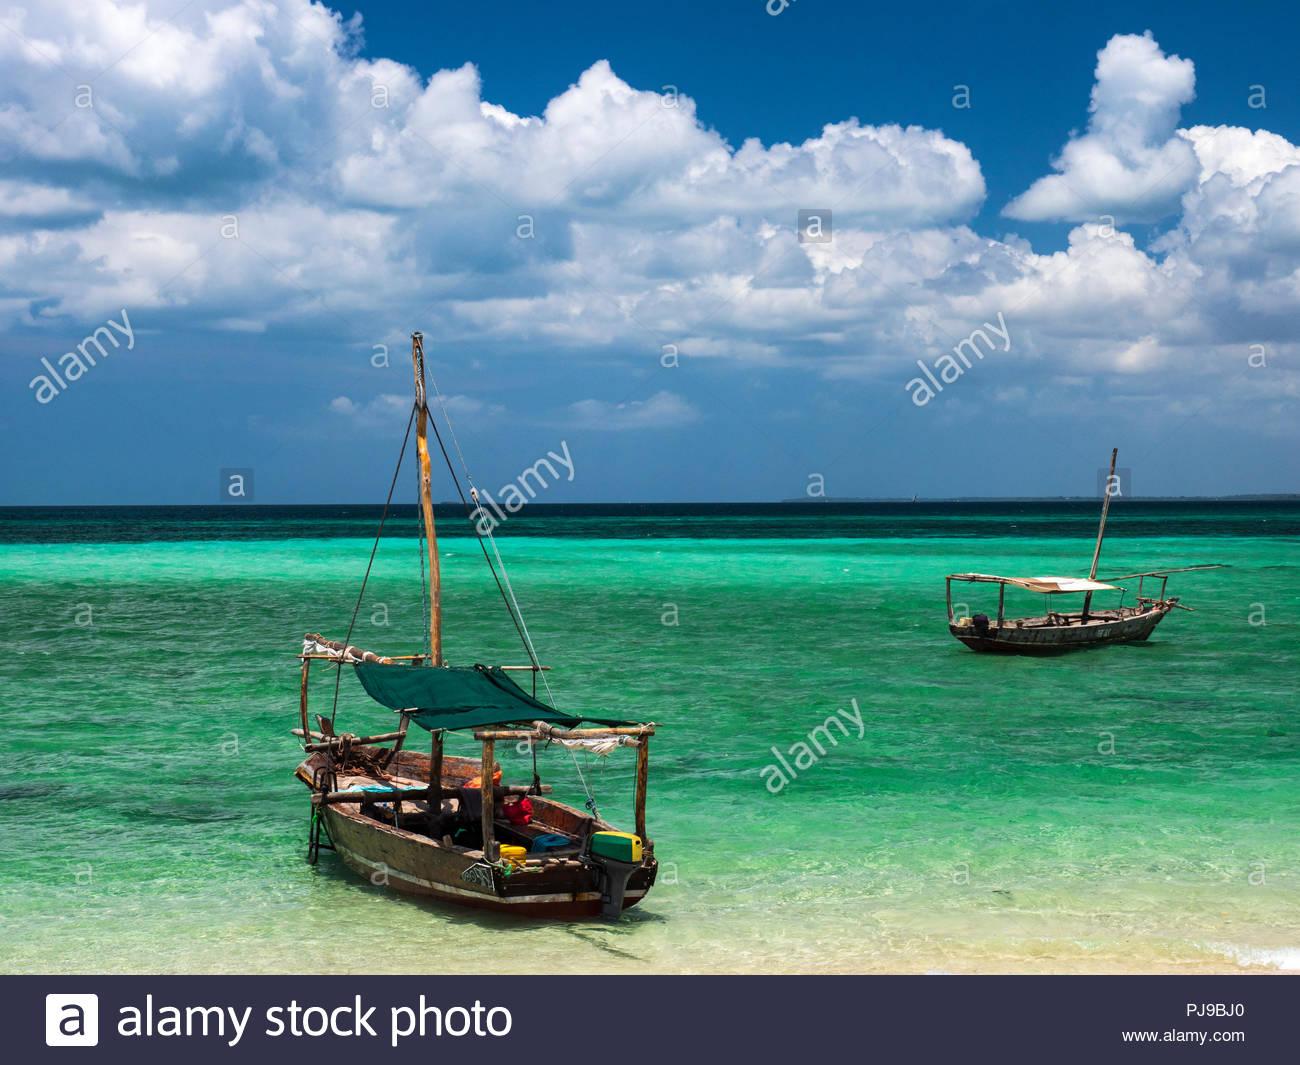 Boats in the turquoise sea, Fumba, Zanzibar, Tanzania - Stock Image